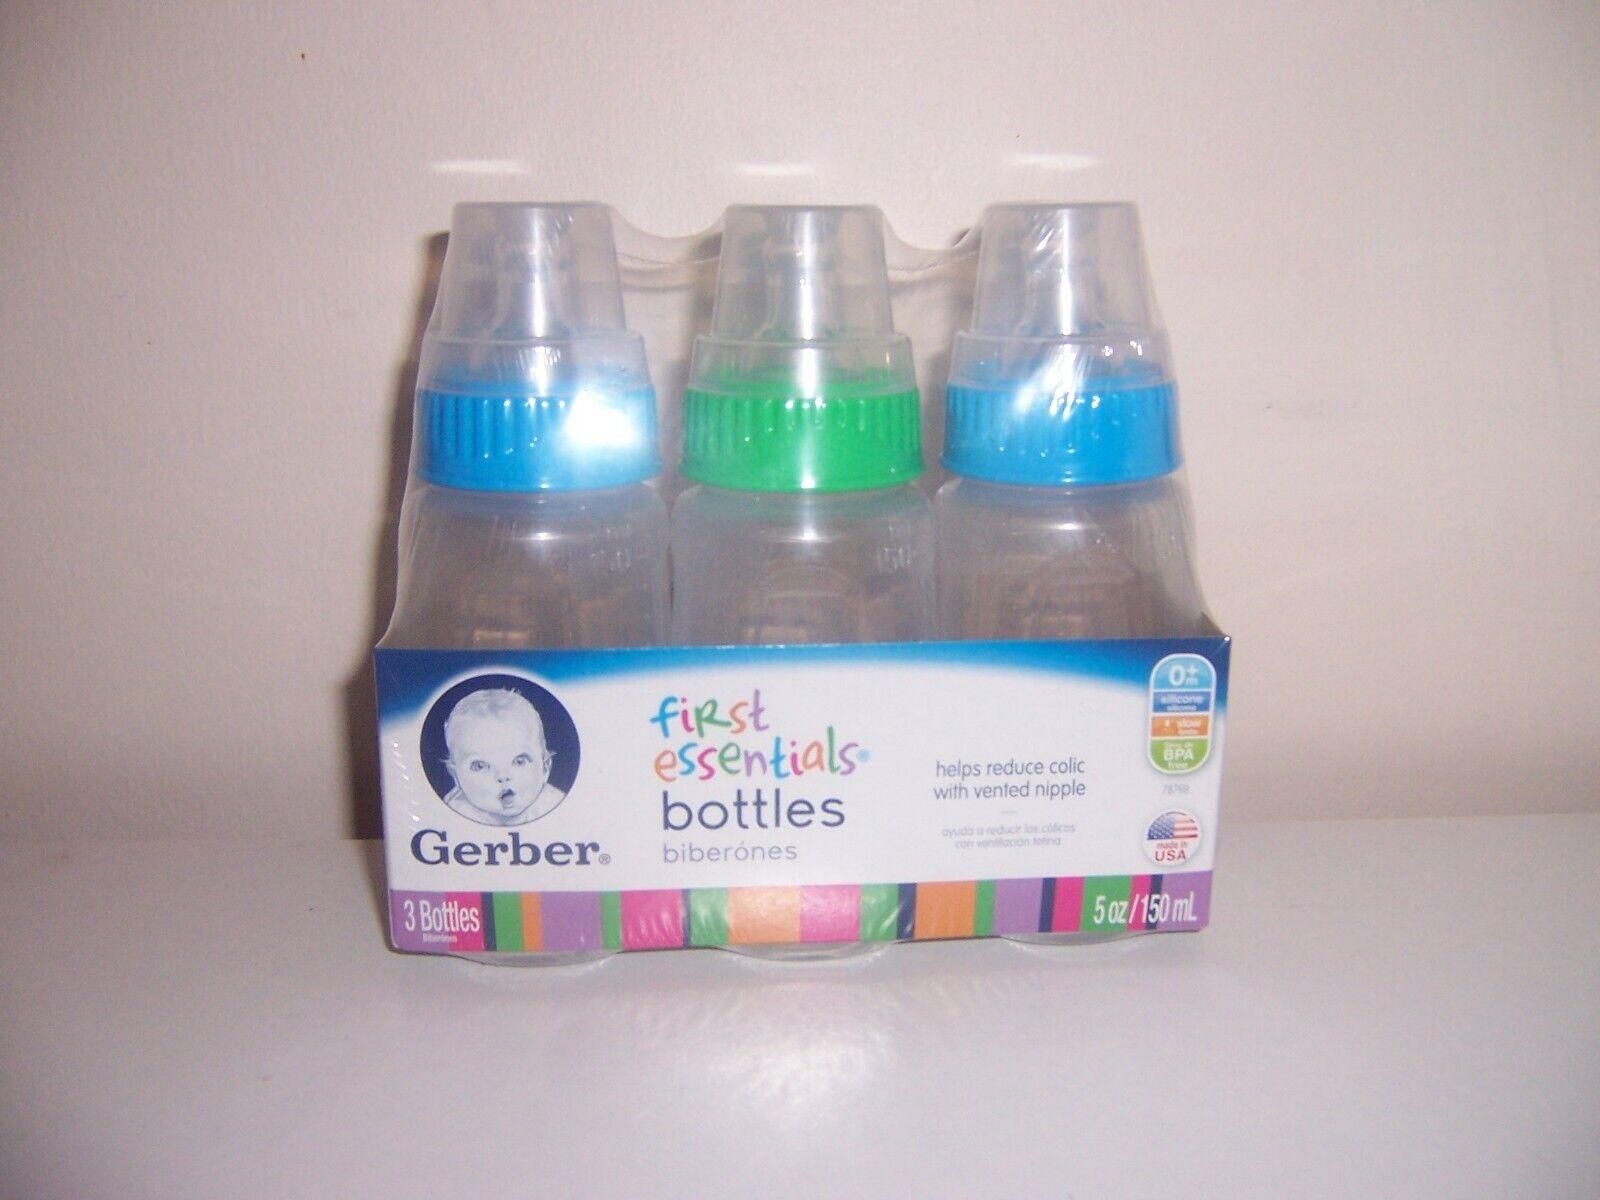 Gerber first essentials baby bottles blue green 5 oz size